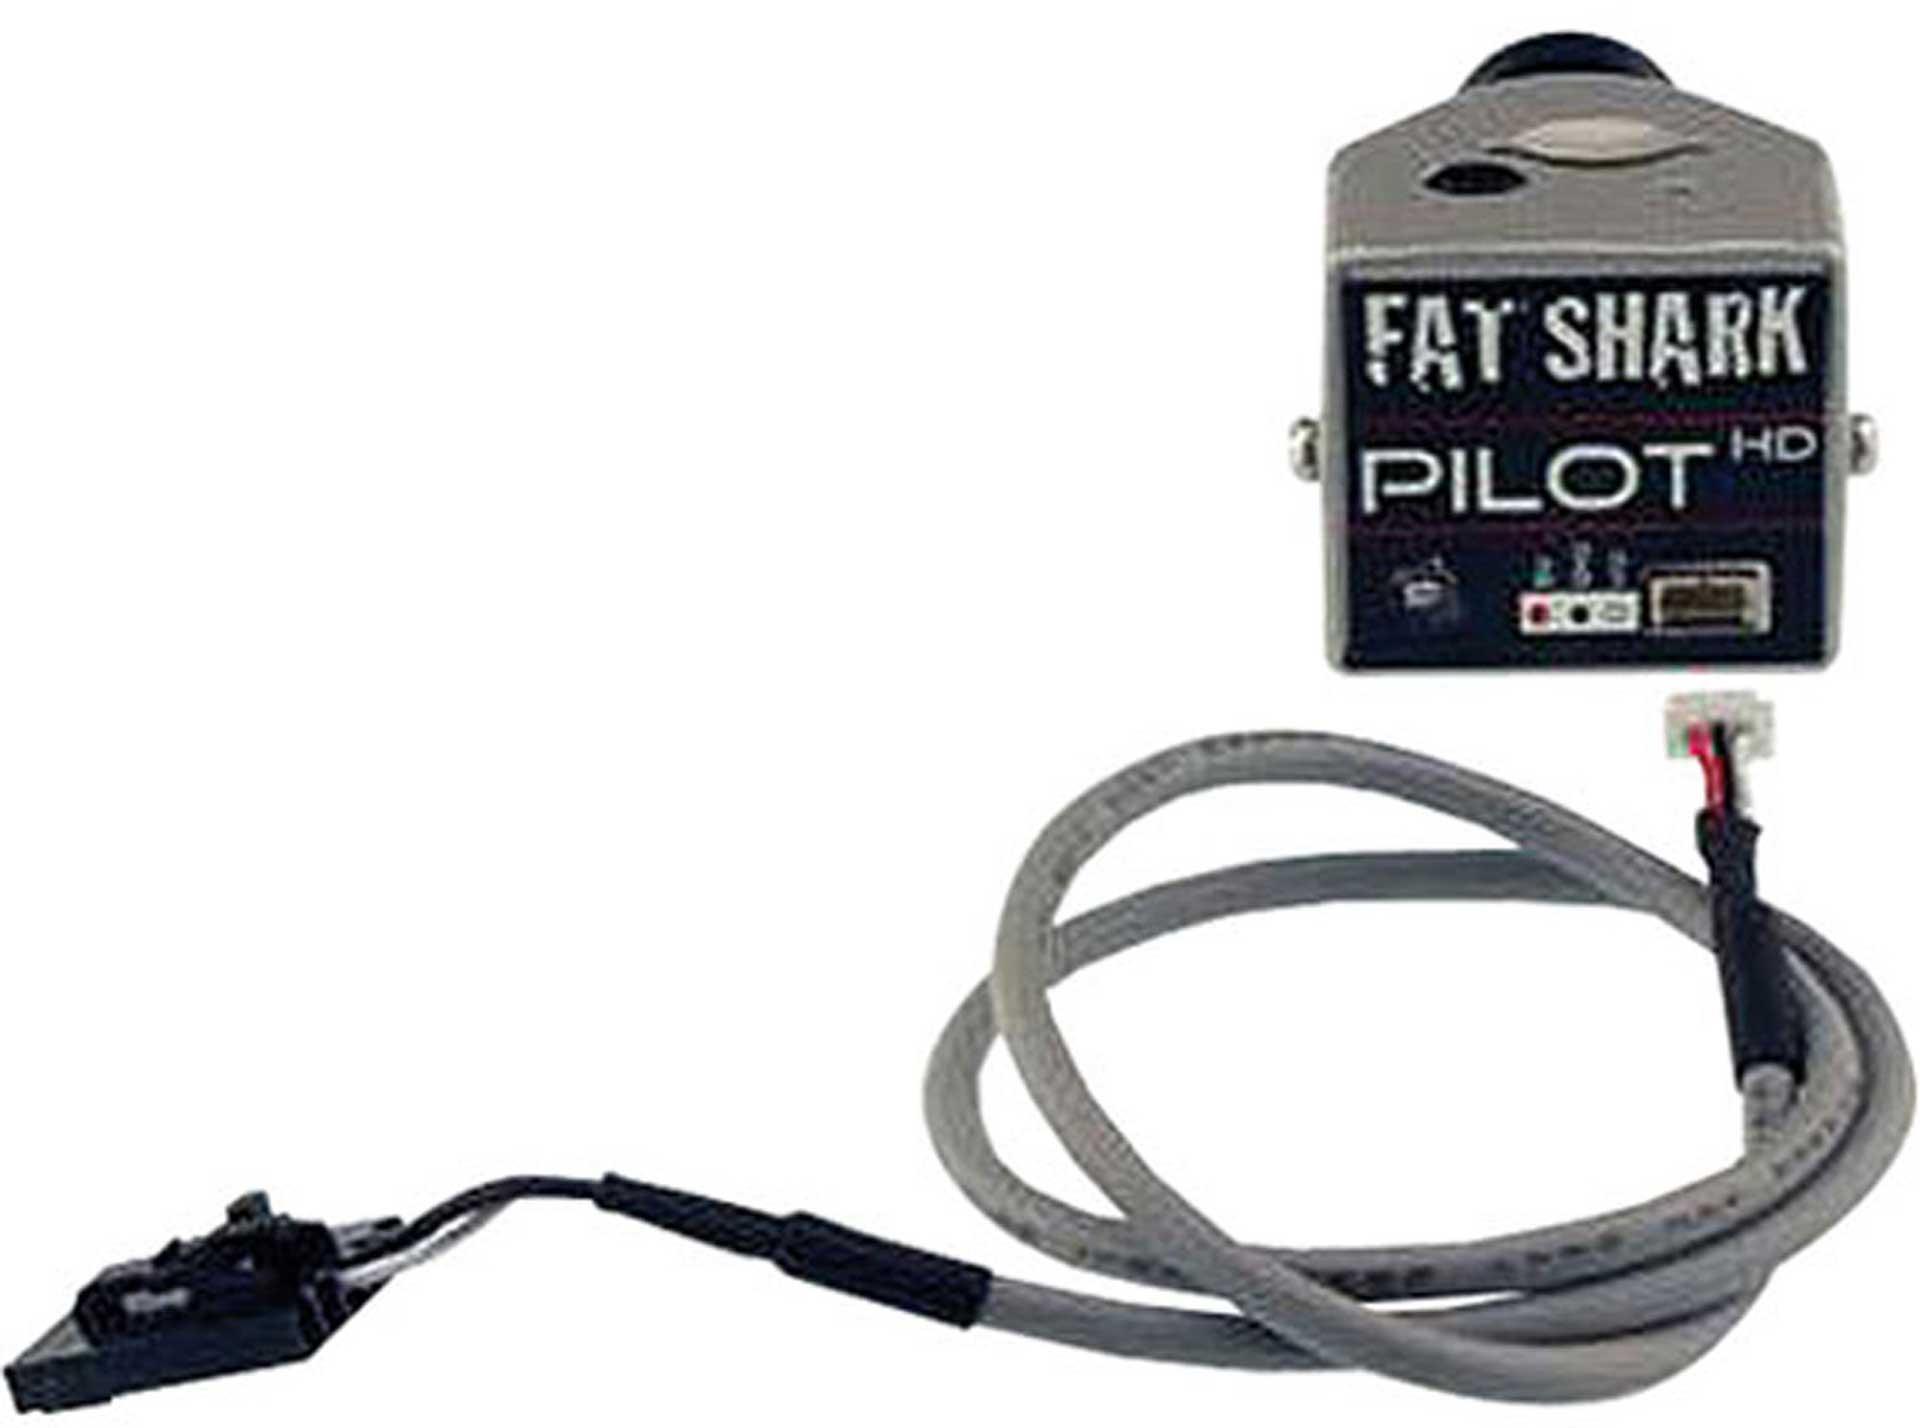 FAT SHARK FSV 720P MICROHD FPV KAMERA